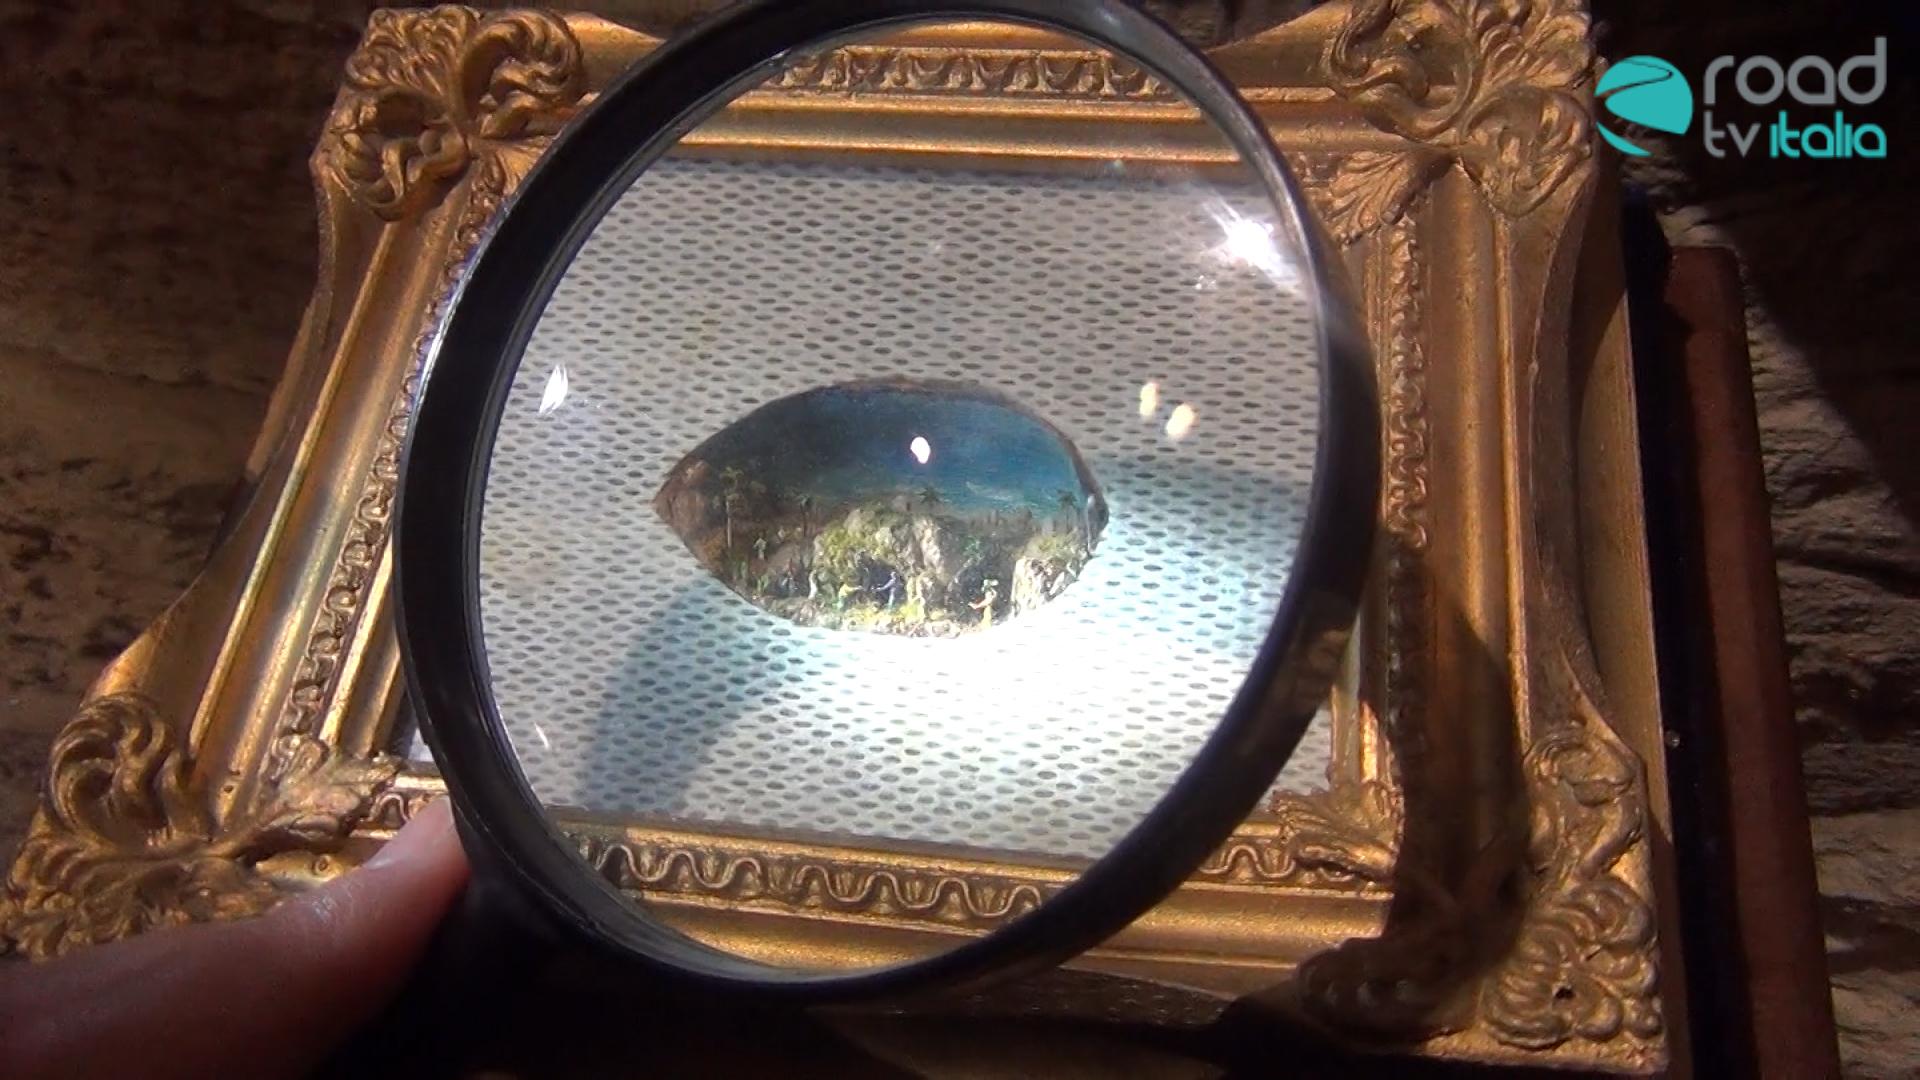 Presepi da Guinness, a Napoli la prima personale di don Antonio Esposito, il mago della miniatura (VIDEO)